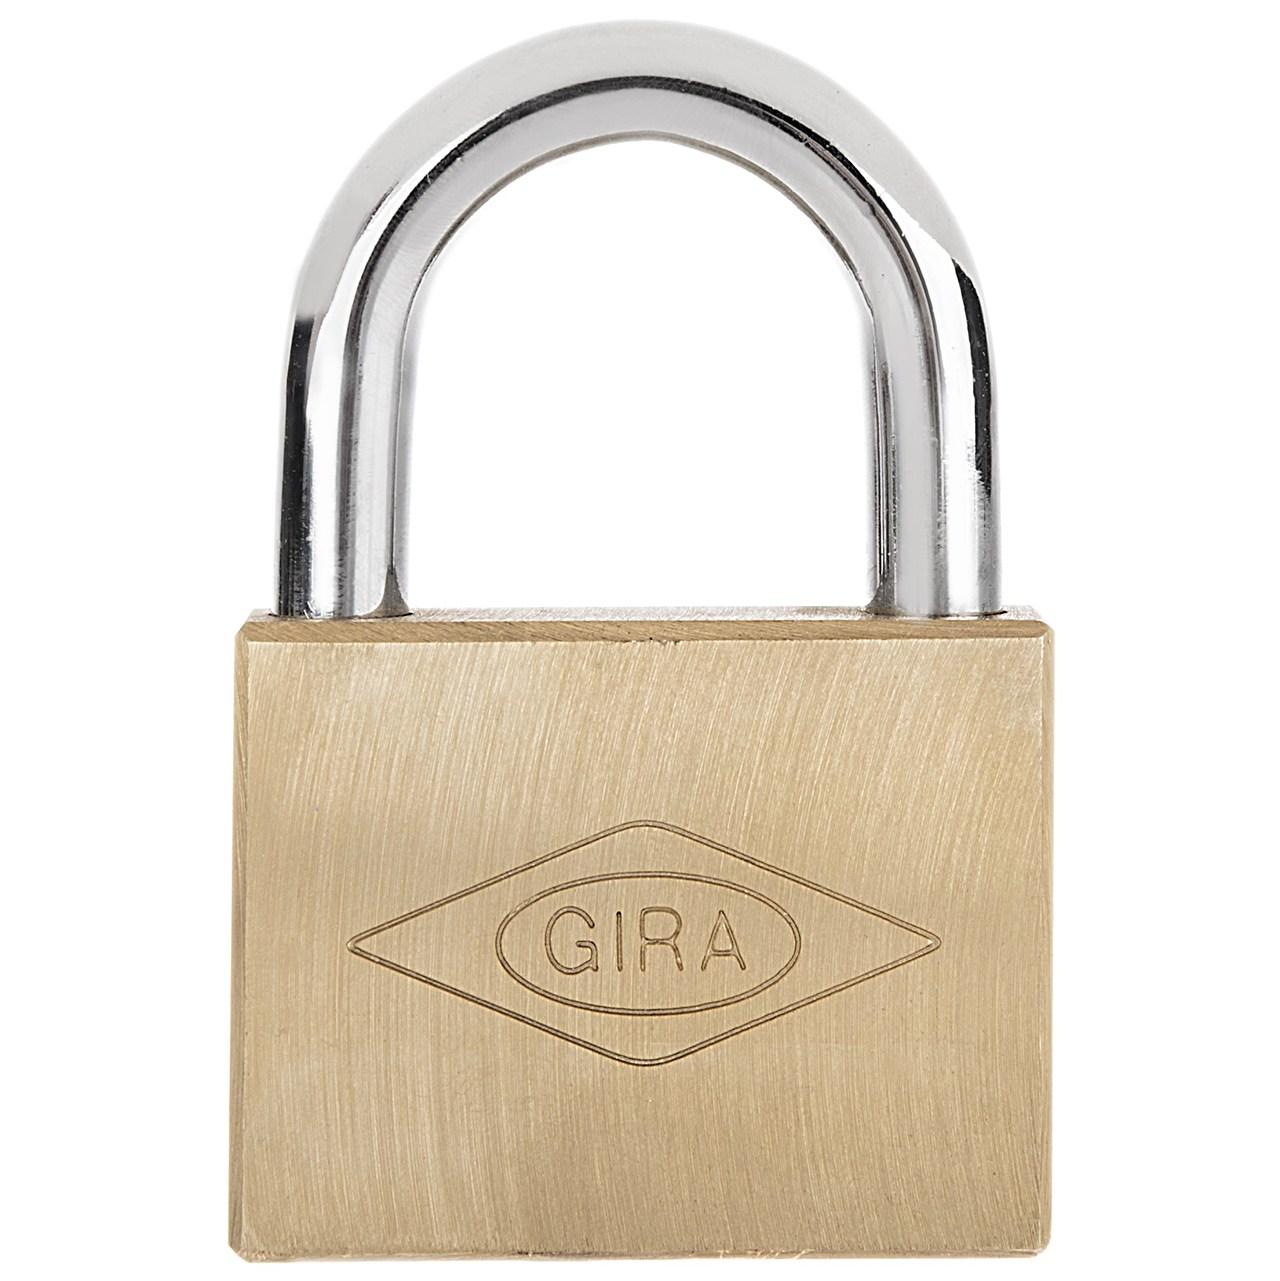 قفل آویز گیرا مدل 005